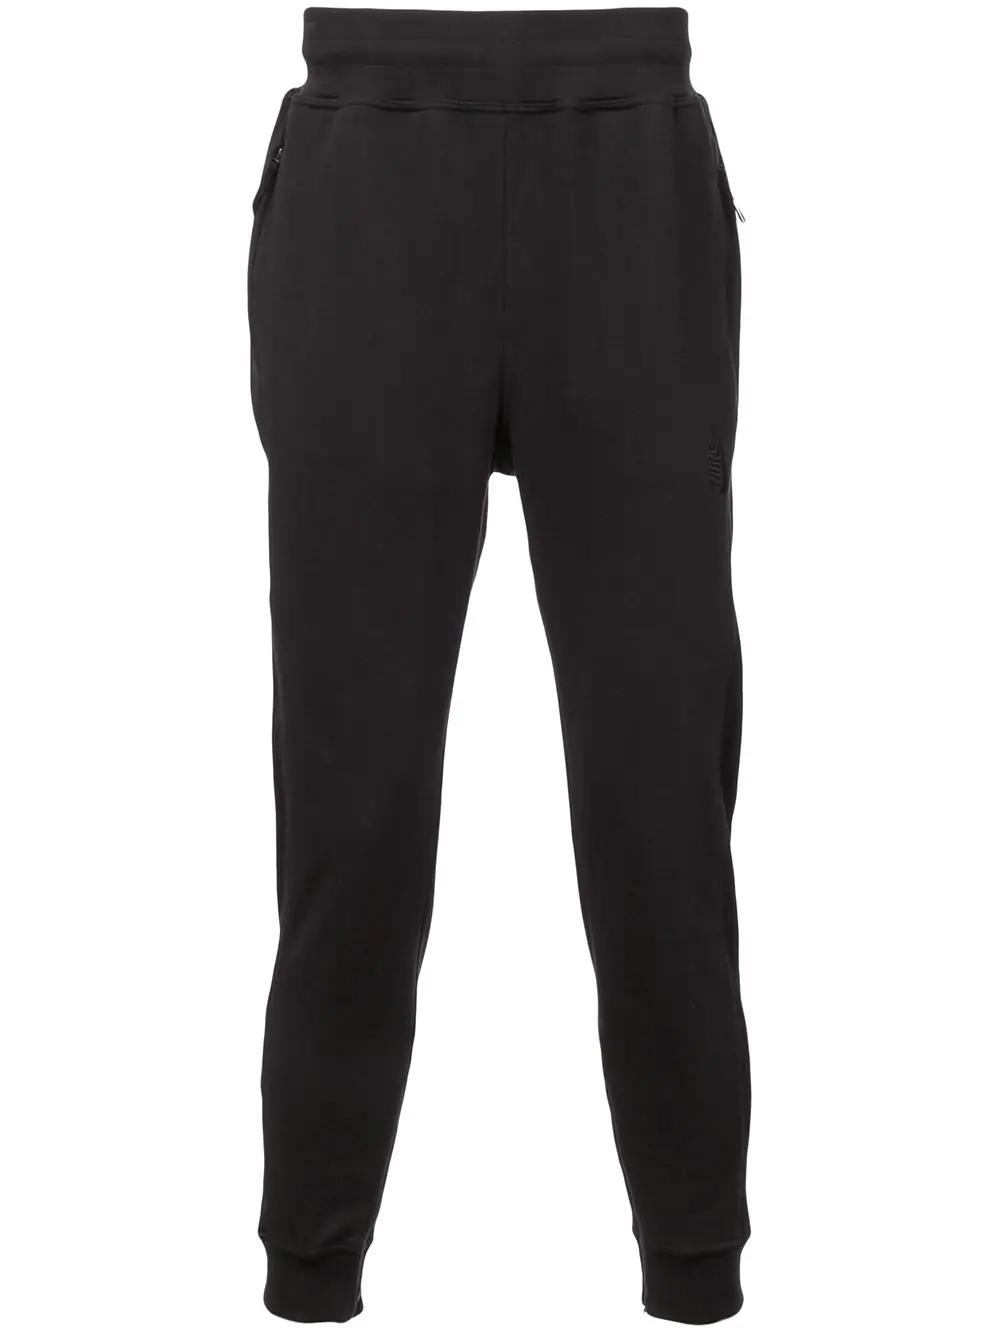 Nike Lebron James X John Elliott Track Pants - Black